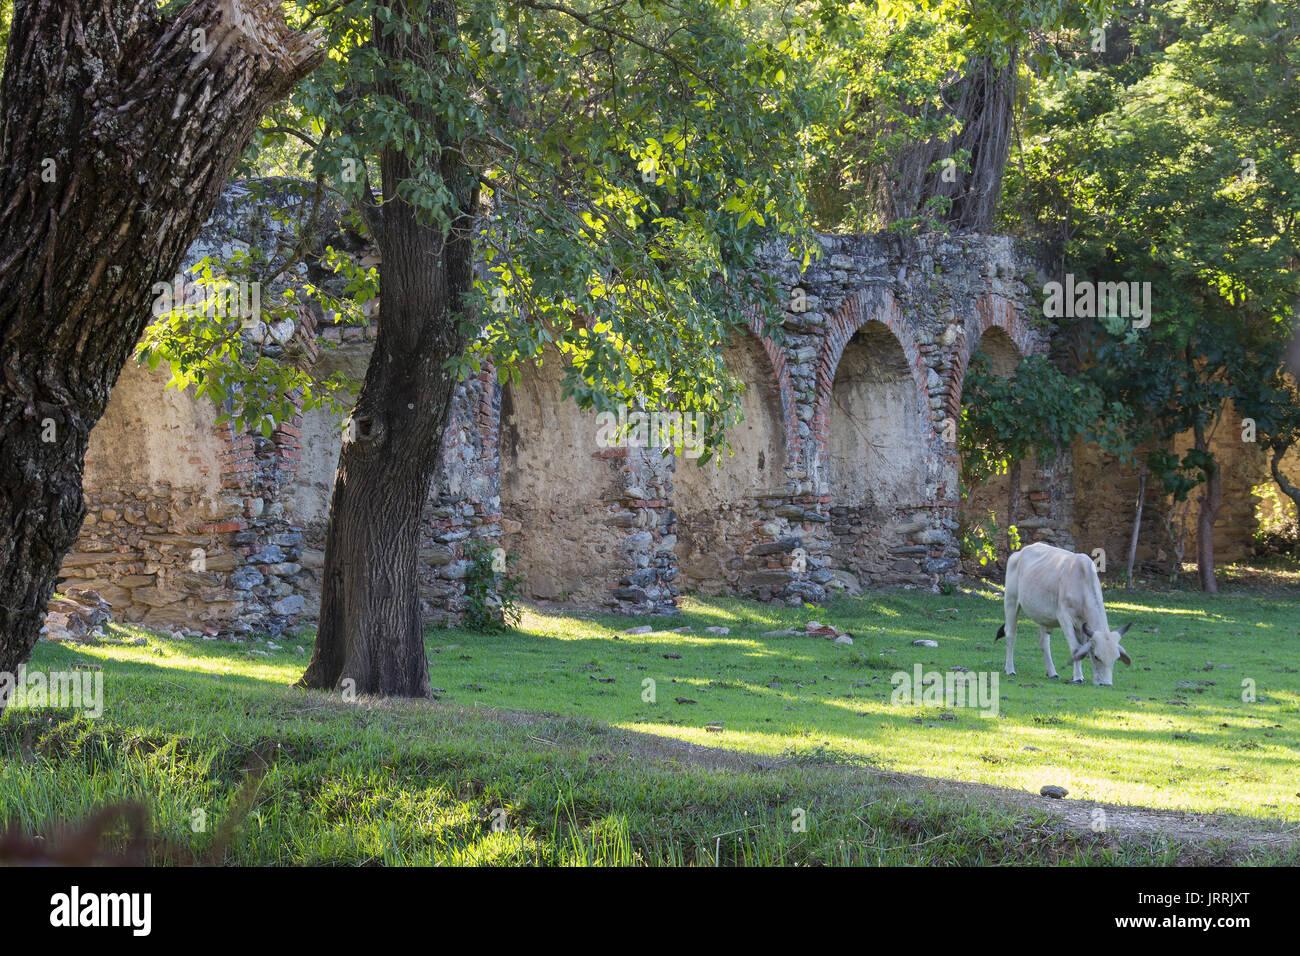 Estas ruinas de un viejo acueducto de una hacienda colonial en la que funcionaba un trapiche de caña de azúcar, ahora olvidado en el campo con ganado - Stock Image